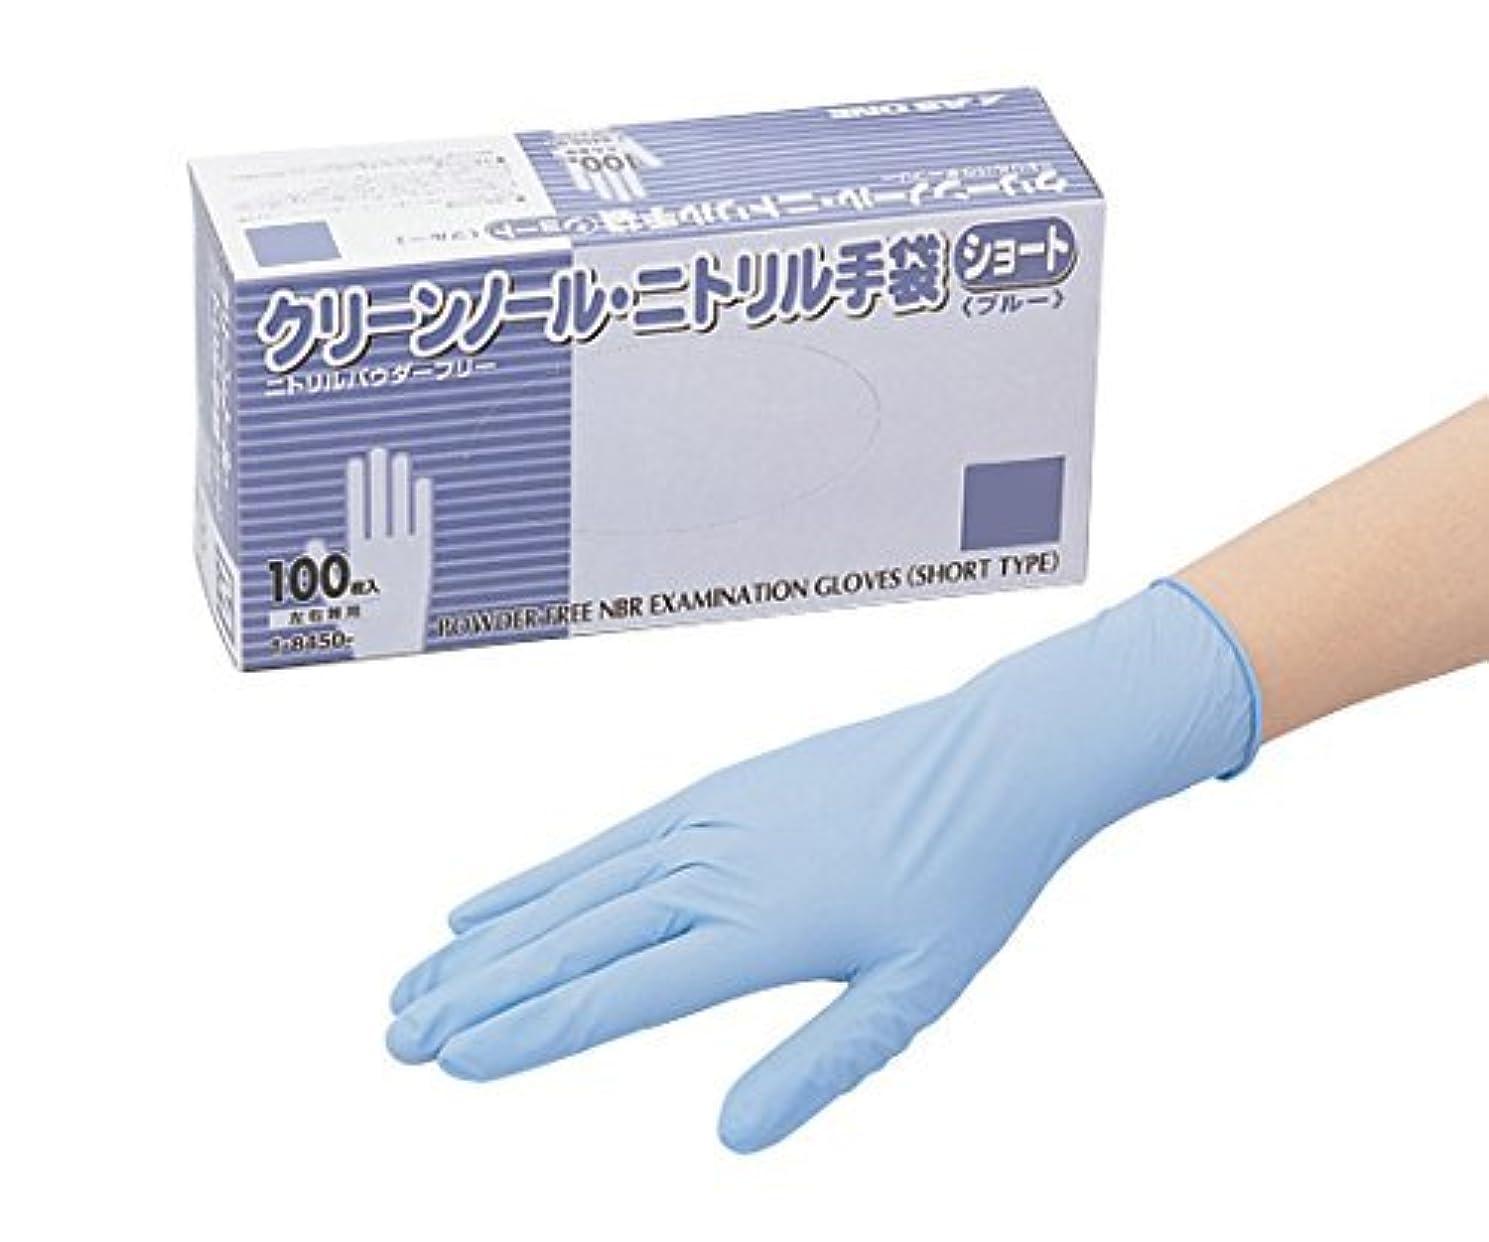 アズワン1-8450-24クリーンノールニトリル手袋ショート(パウダーフリ-)ブルーSS100枚入